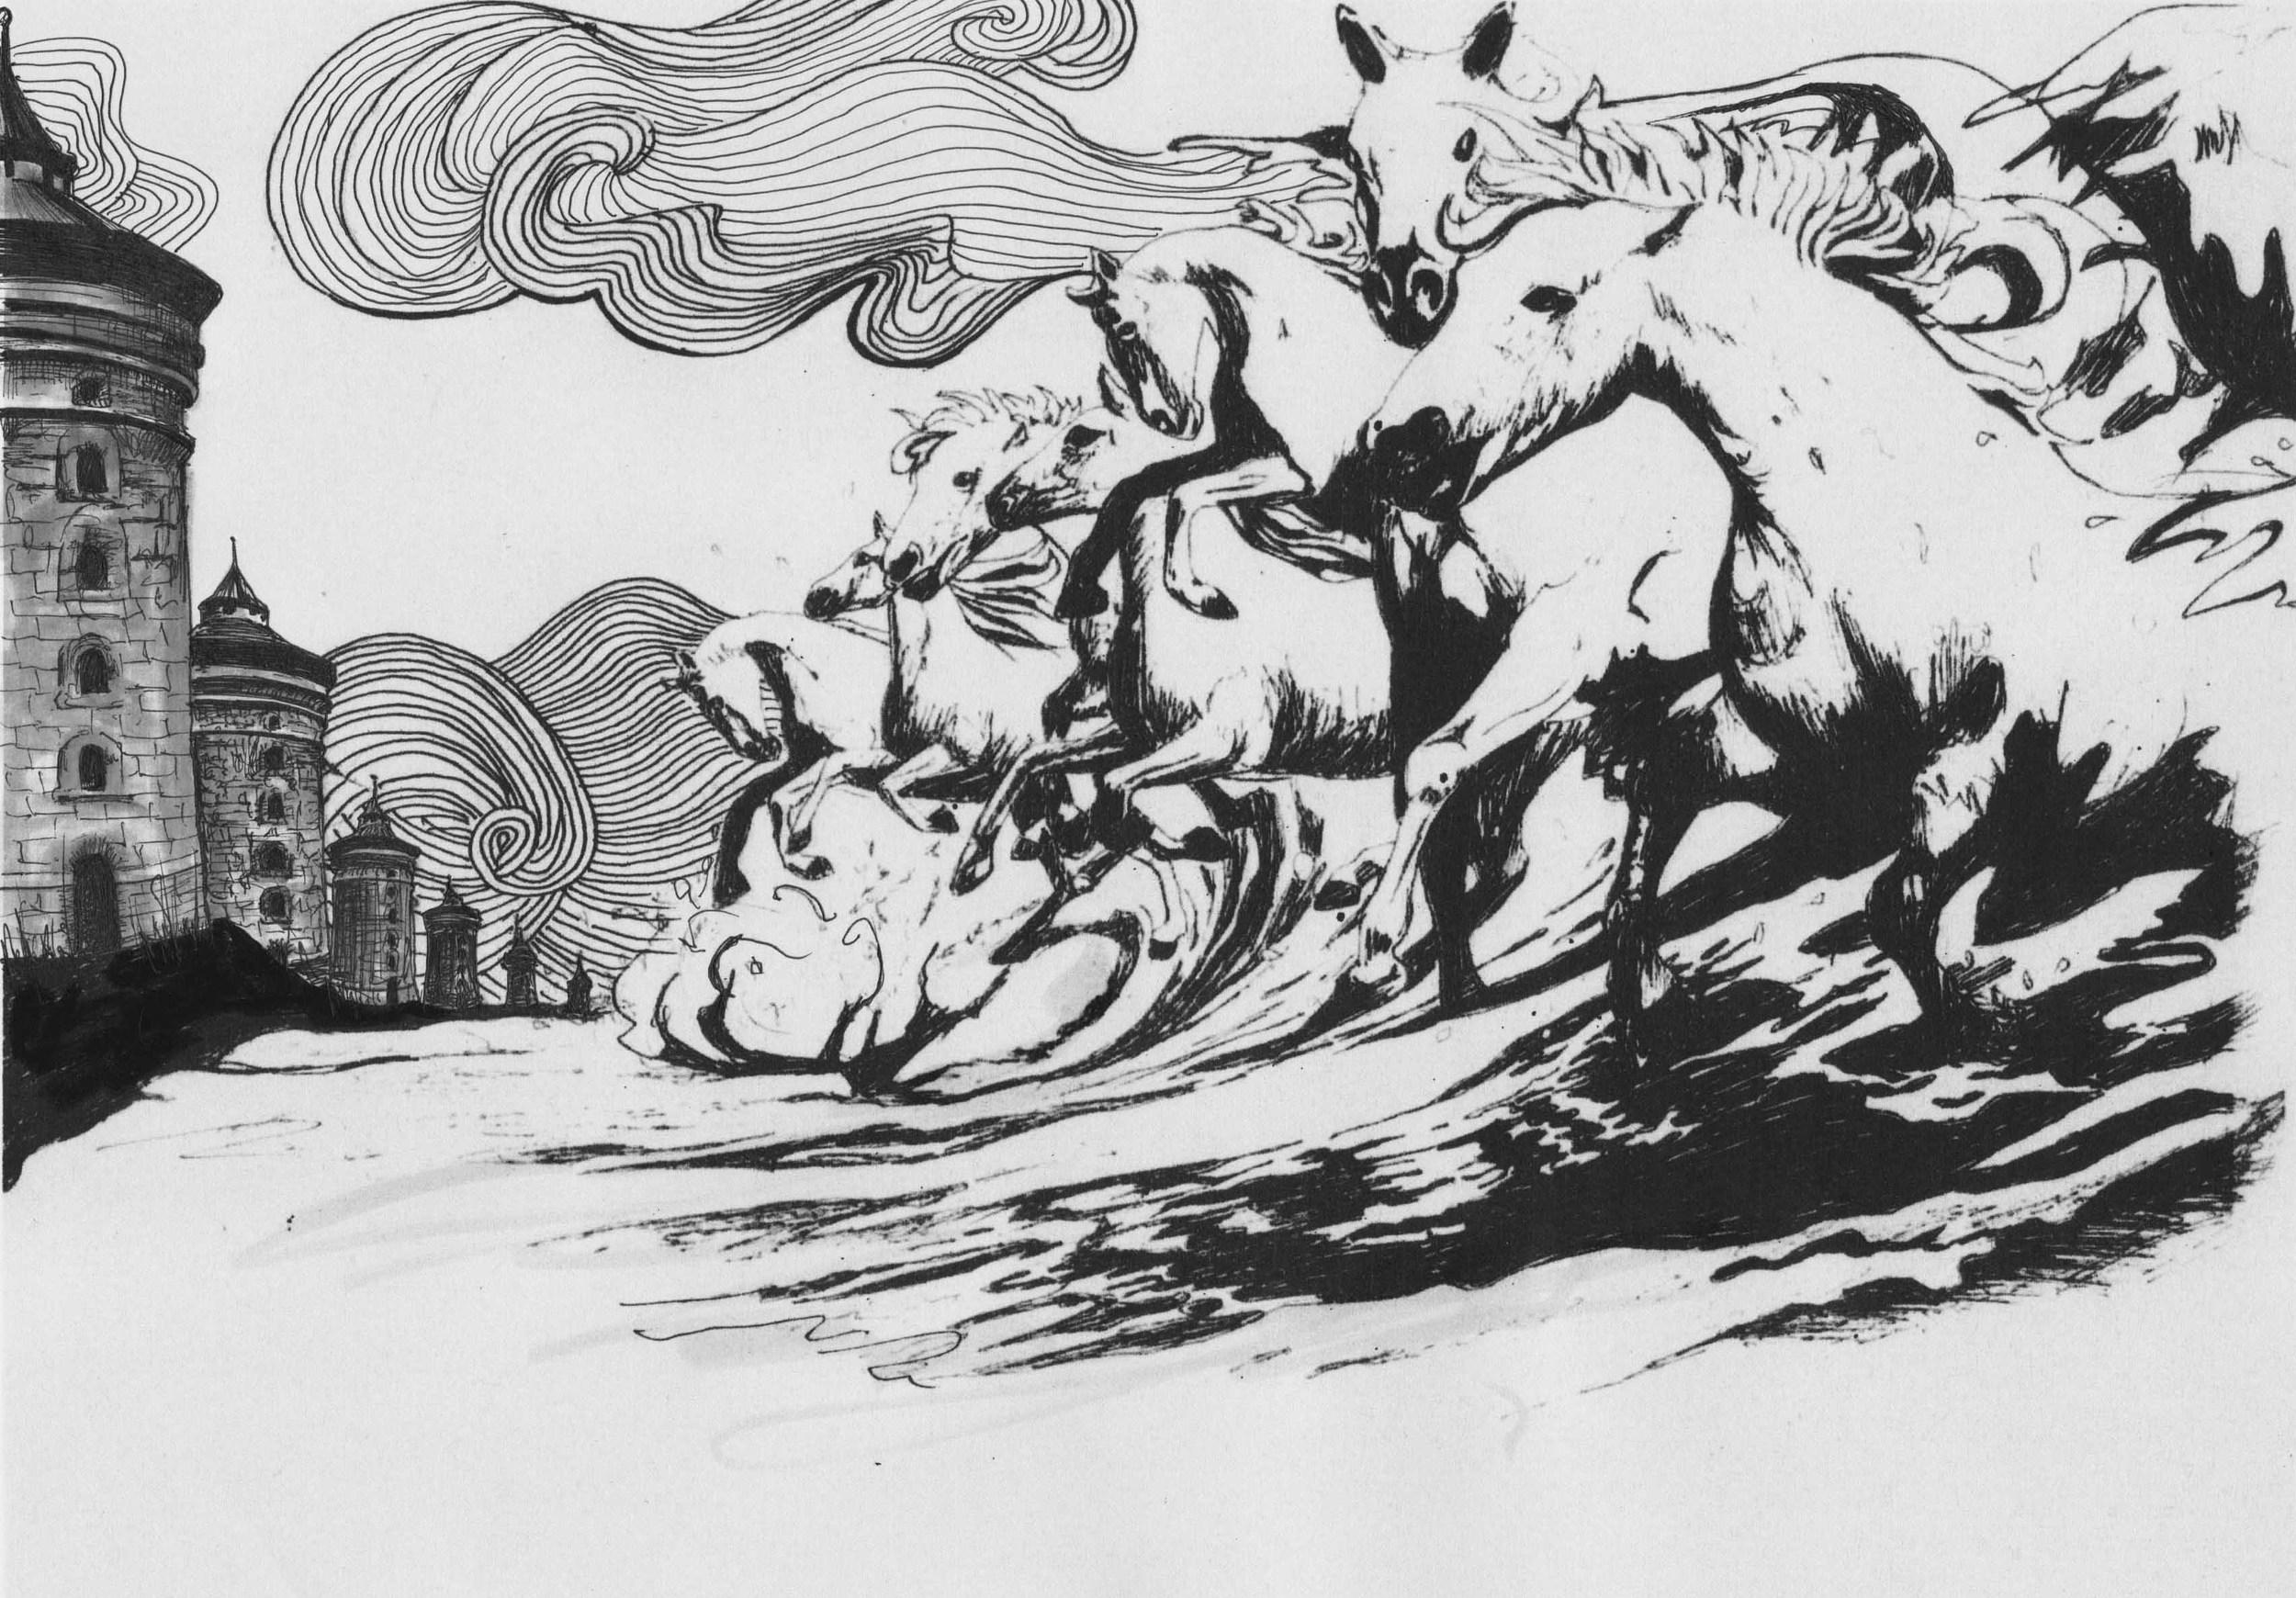 Seven White Horses